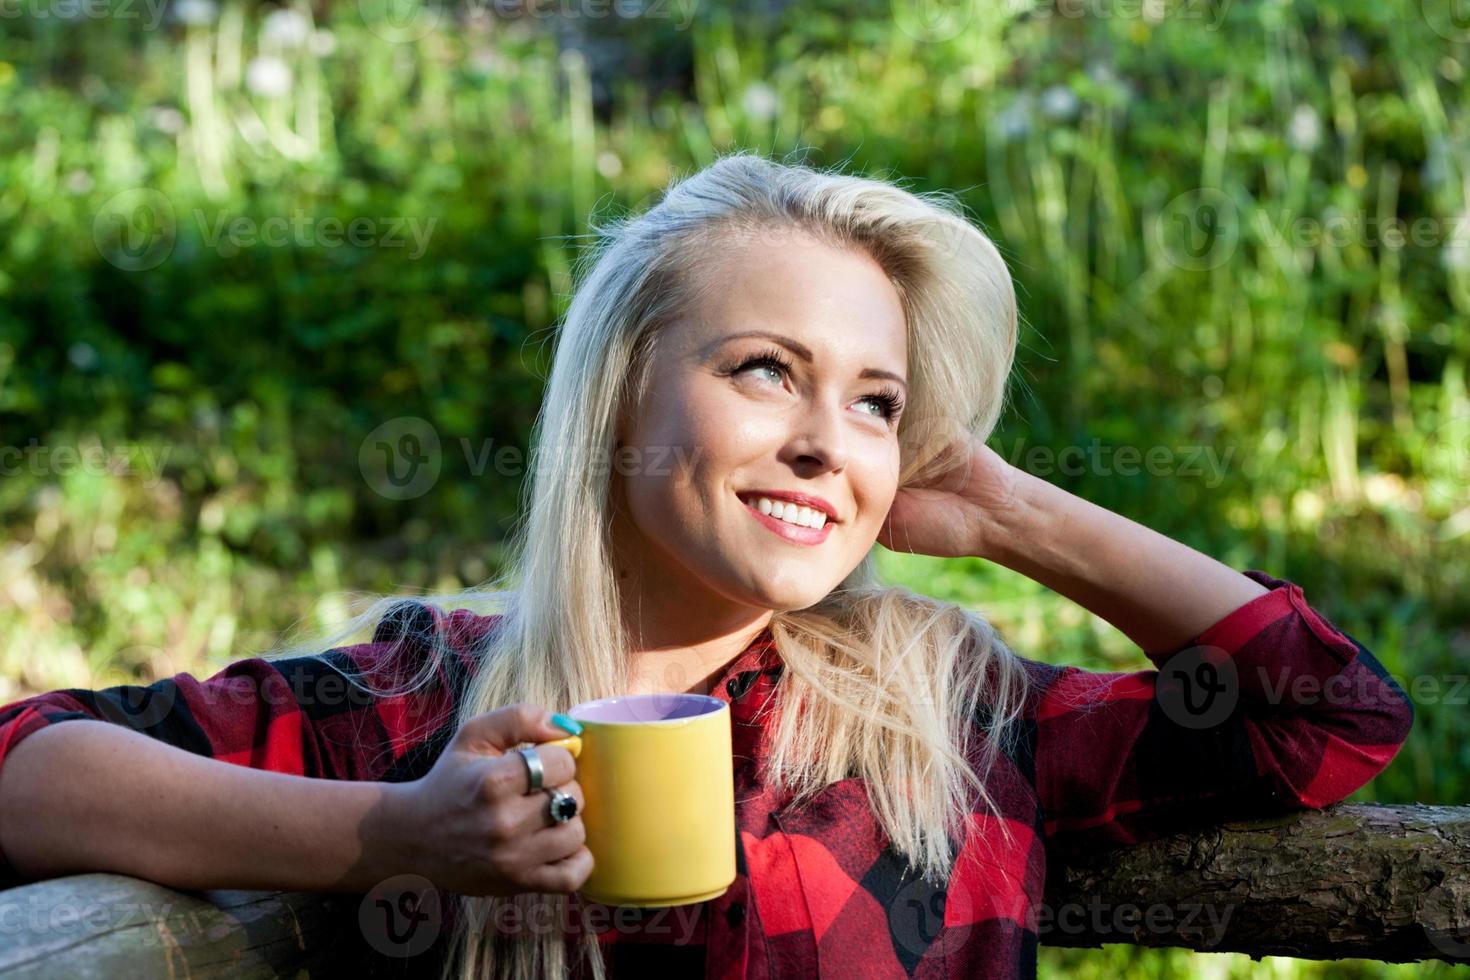 vacker land blond flicka dricka foto